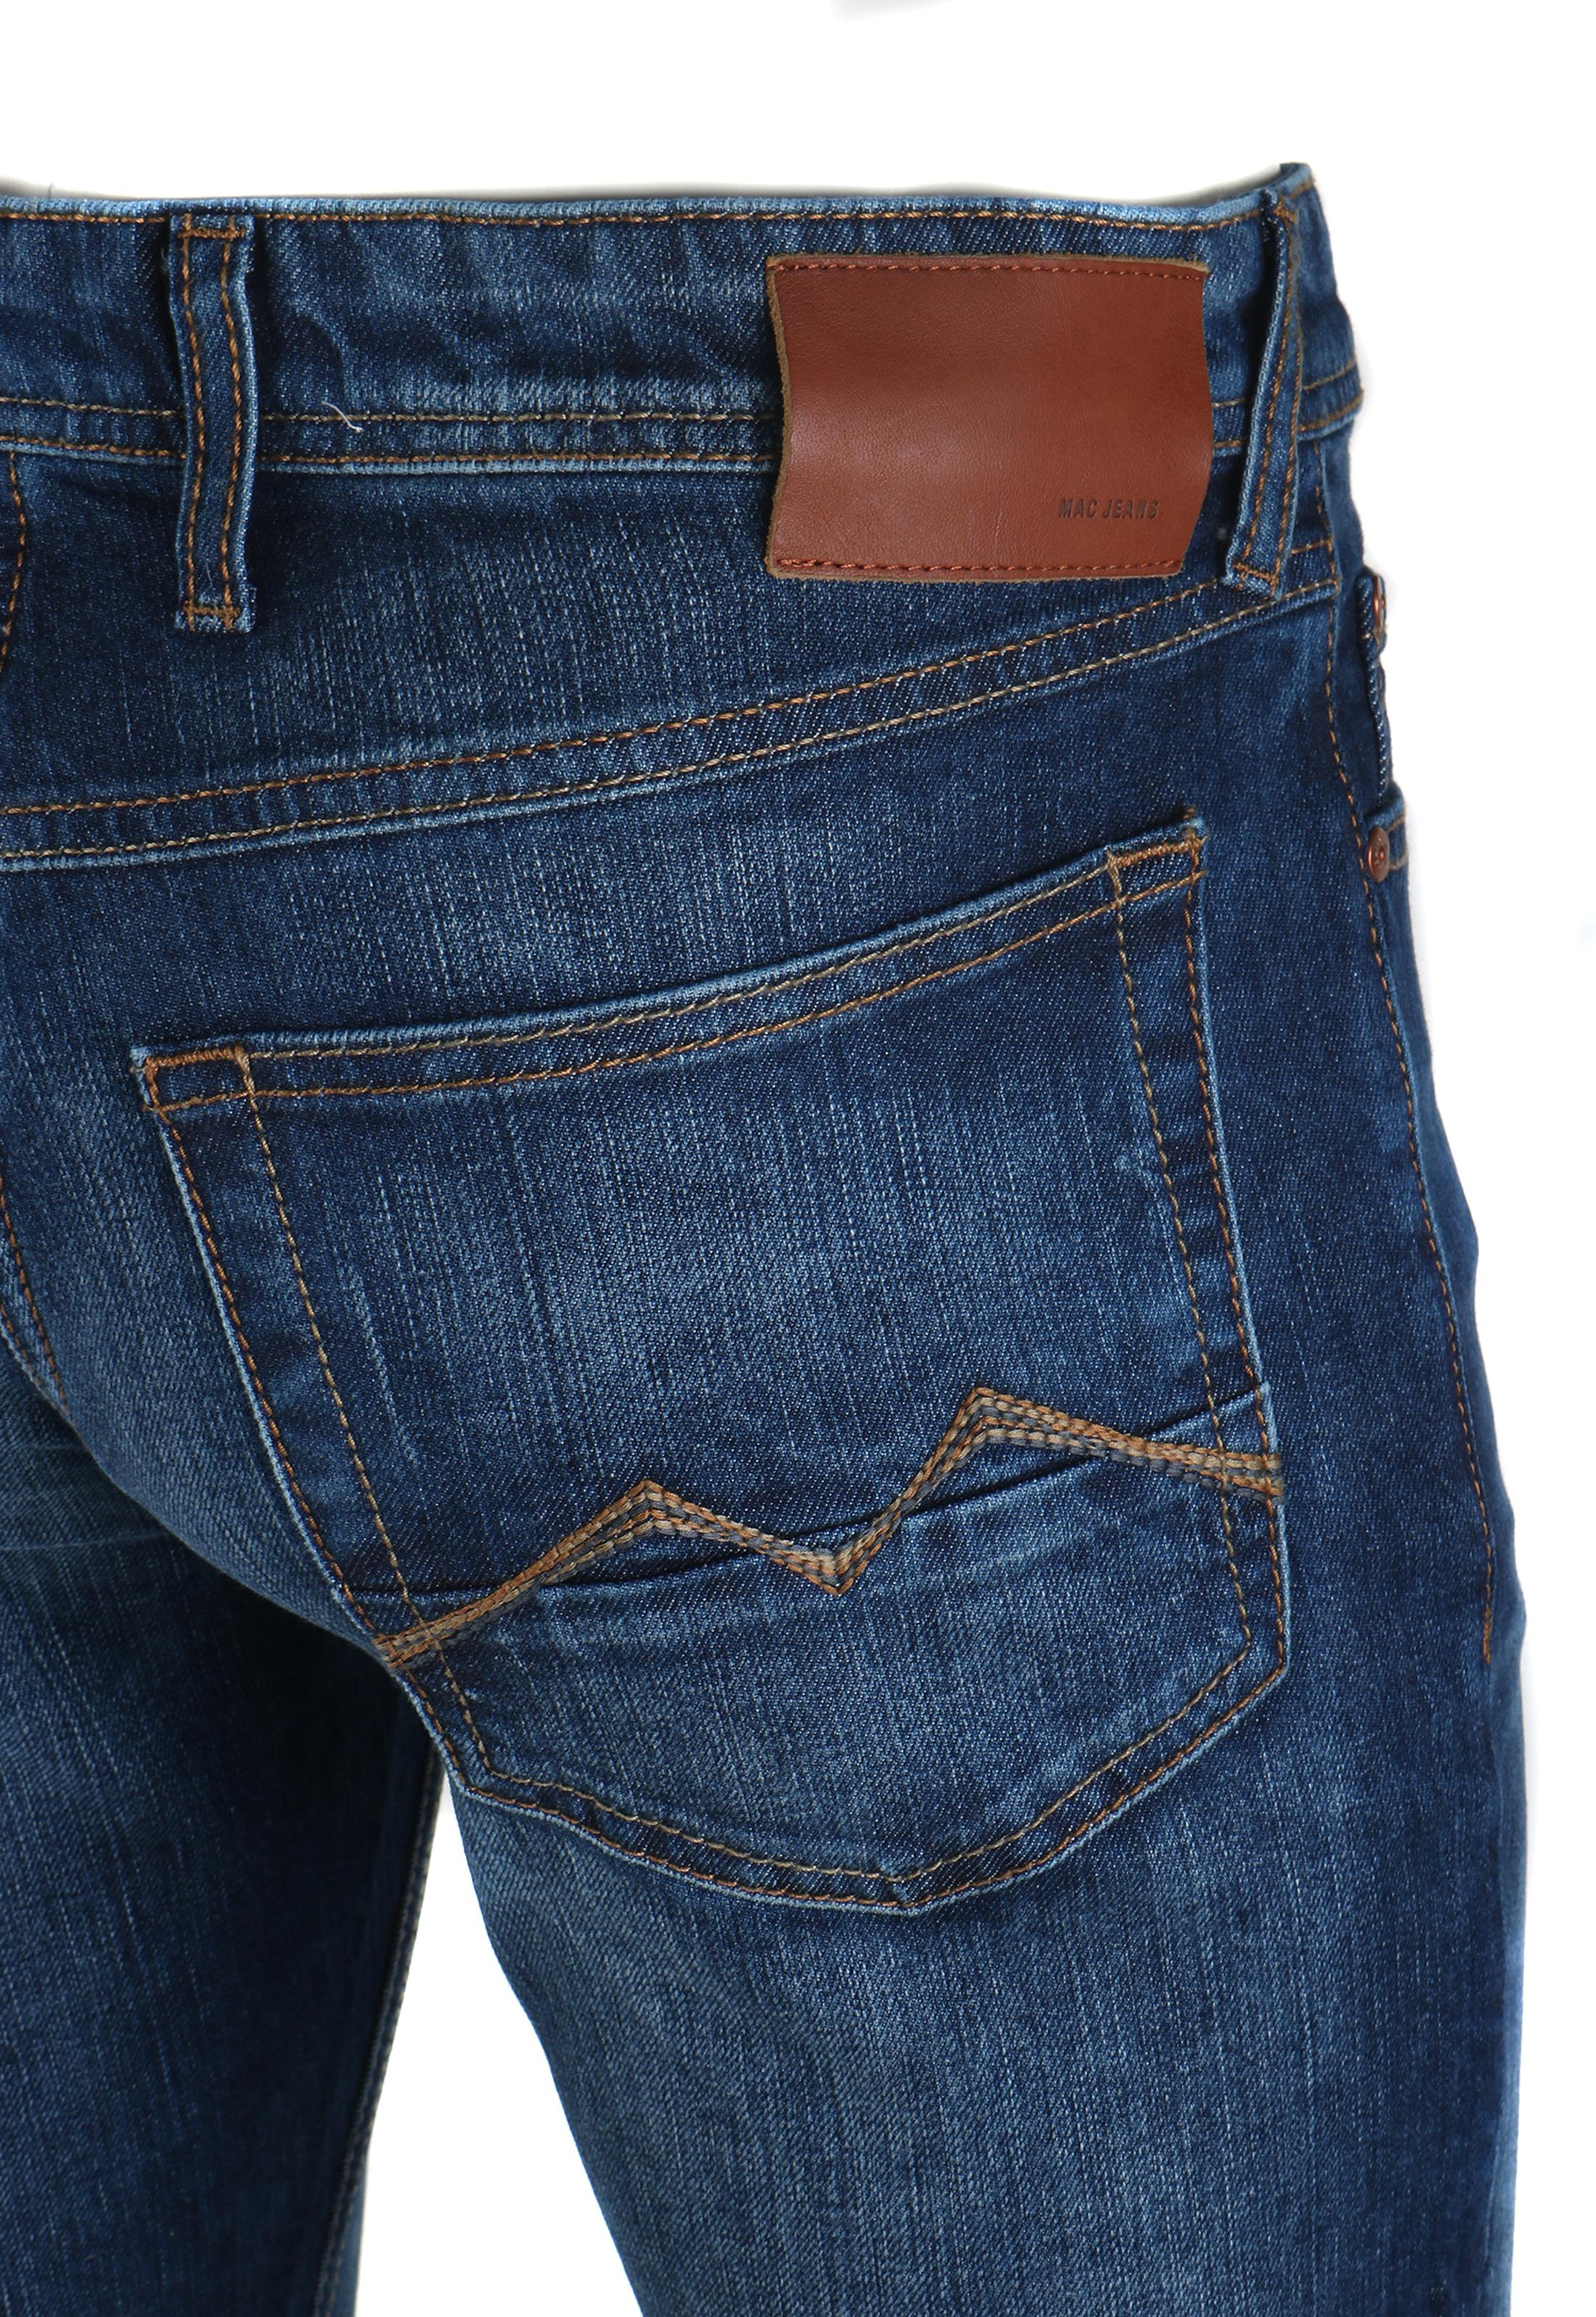 mac jeans arne modern fit h672 online bestellen suitable. Black Bedroom Furniture Sets. Home Design Ideas